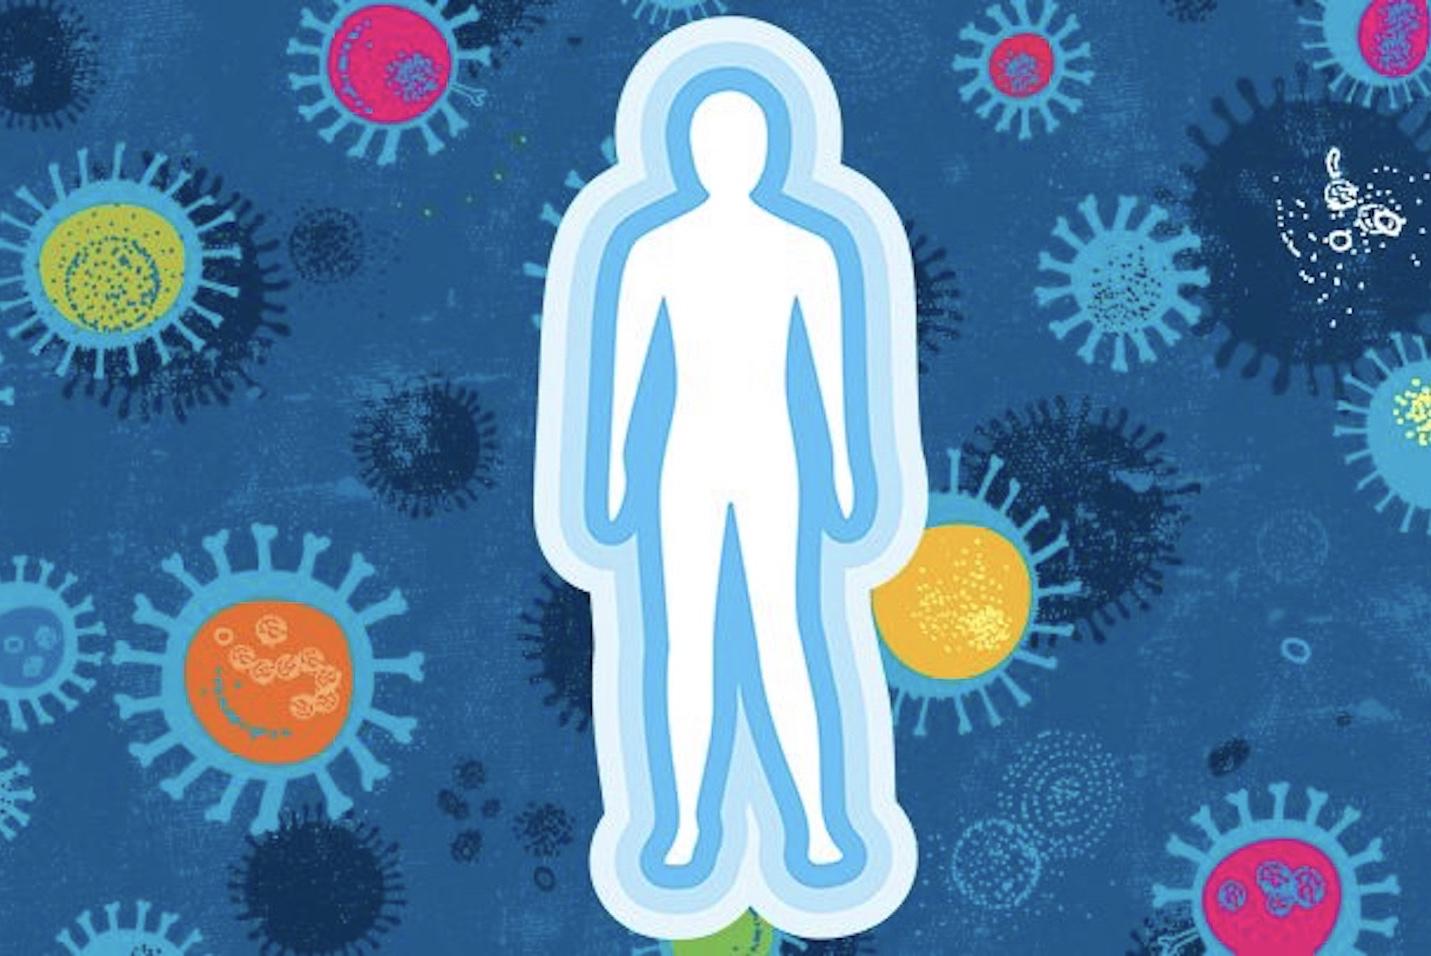 Как укрепить иммунитет и защититься от ОРВИ и, вероятно, COVID-19. Факты доказанные наукой - 1